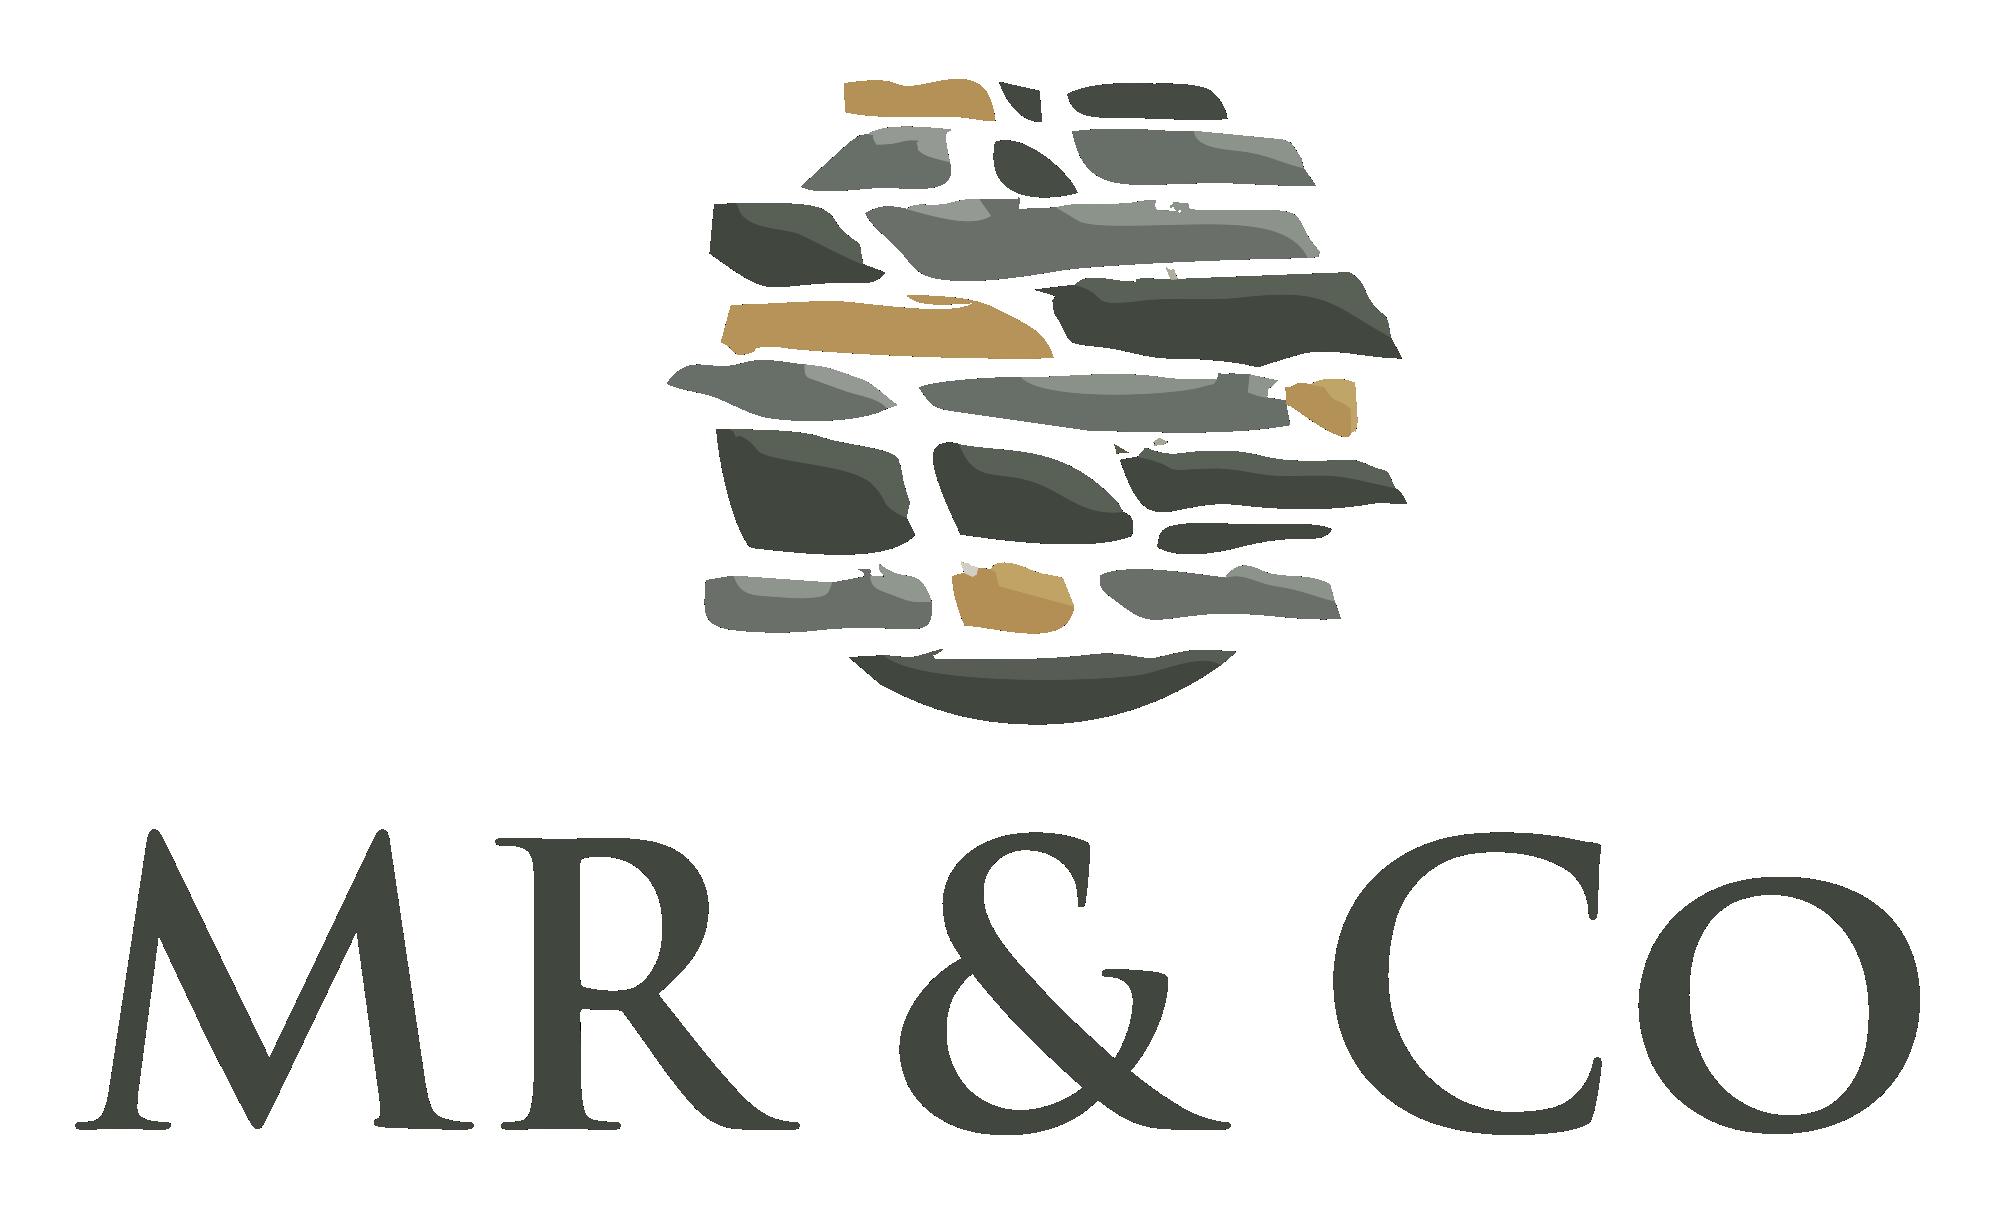 mrco_logo_1 (1)